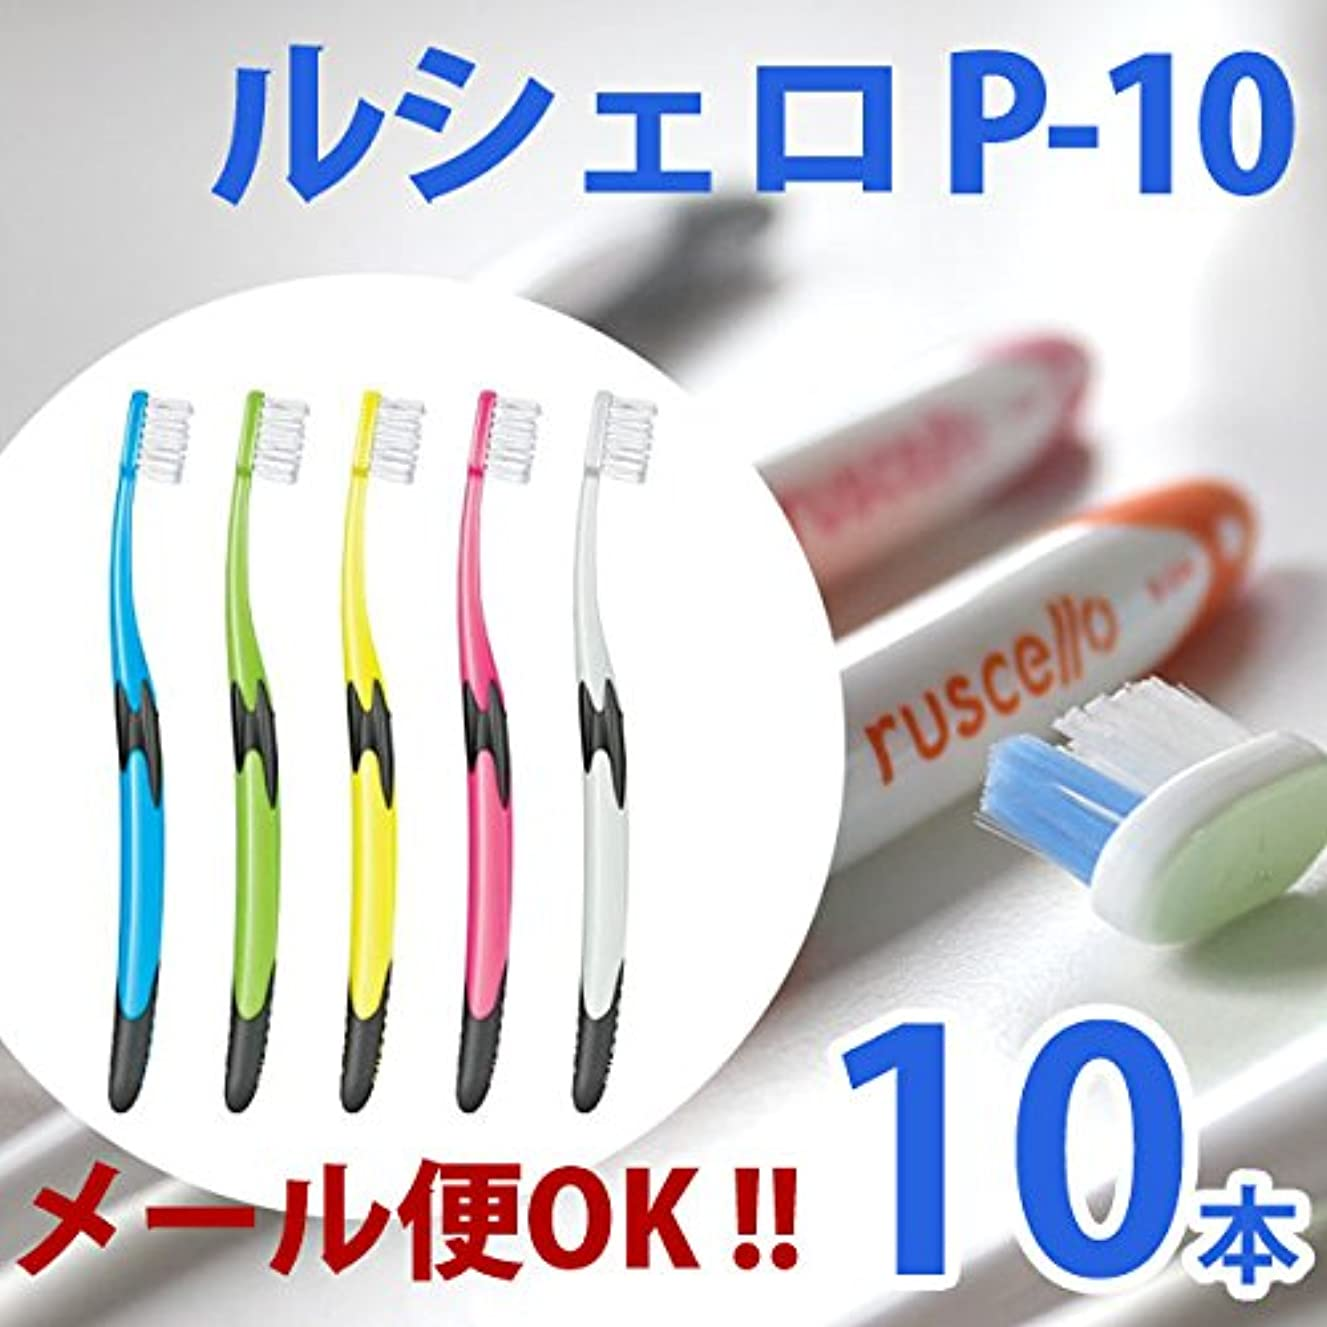 ねばねば言うまでもなく強いますルシェロ GCシェロ 歯ブラシP-10 5色アソート 10本セット 歯周疾患の方向け。極細のテーパー毛が S